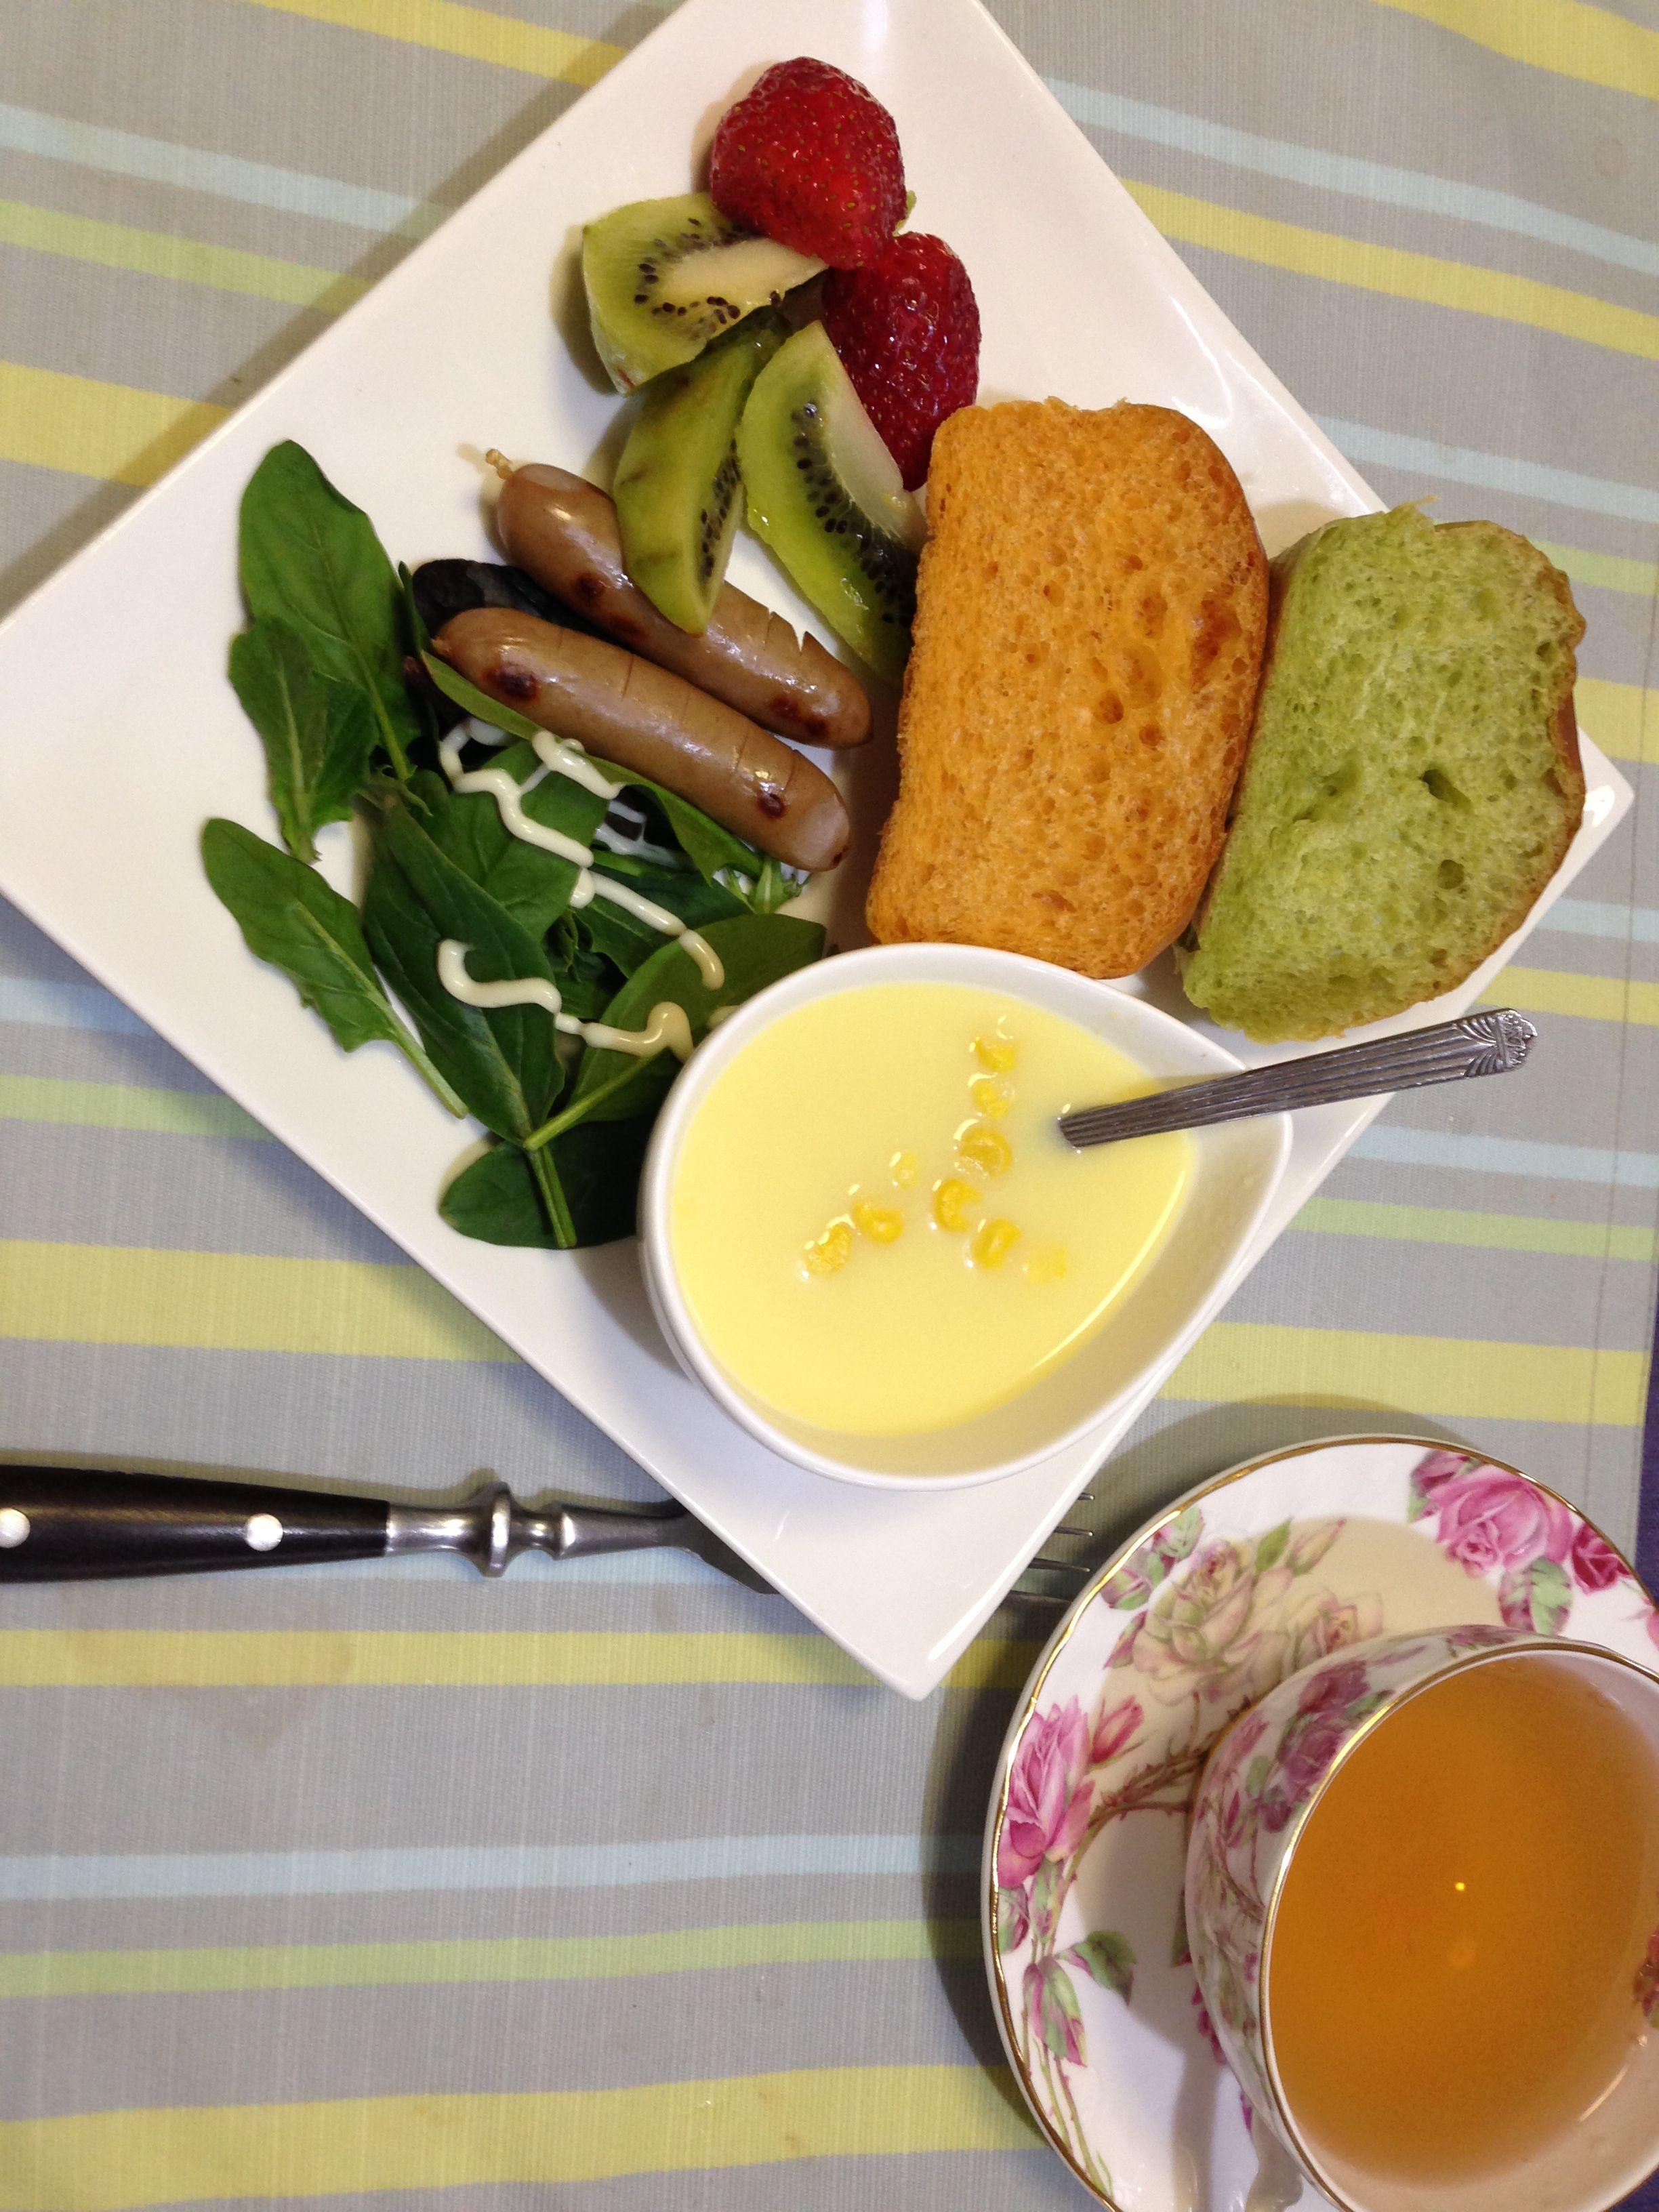 ほうれん草と人参のパンです。 carrot bread & spinach bread